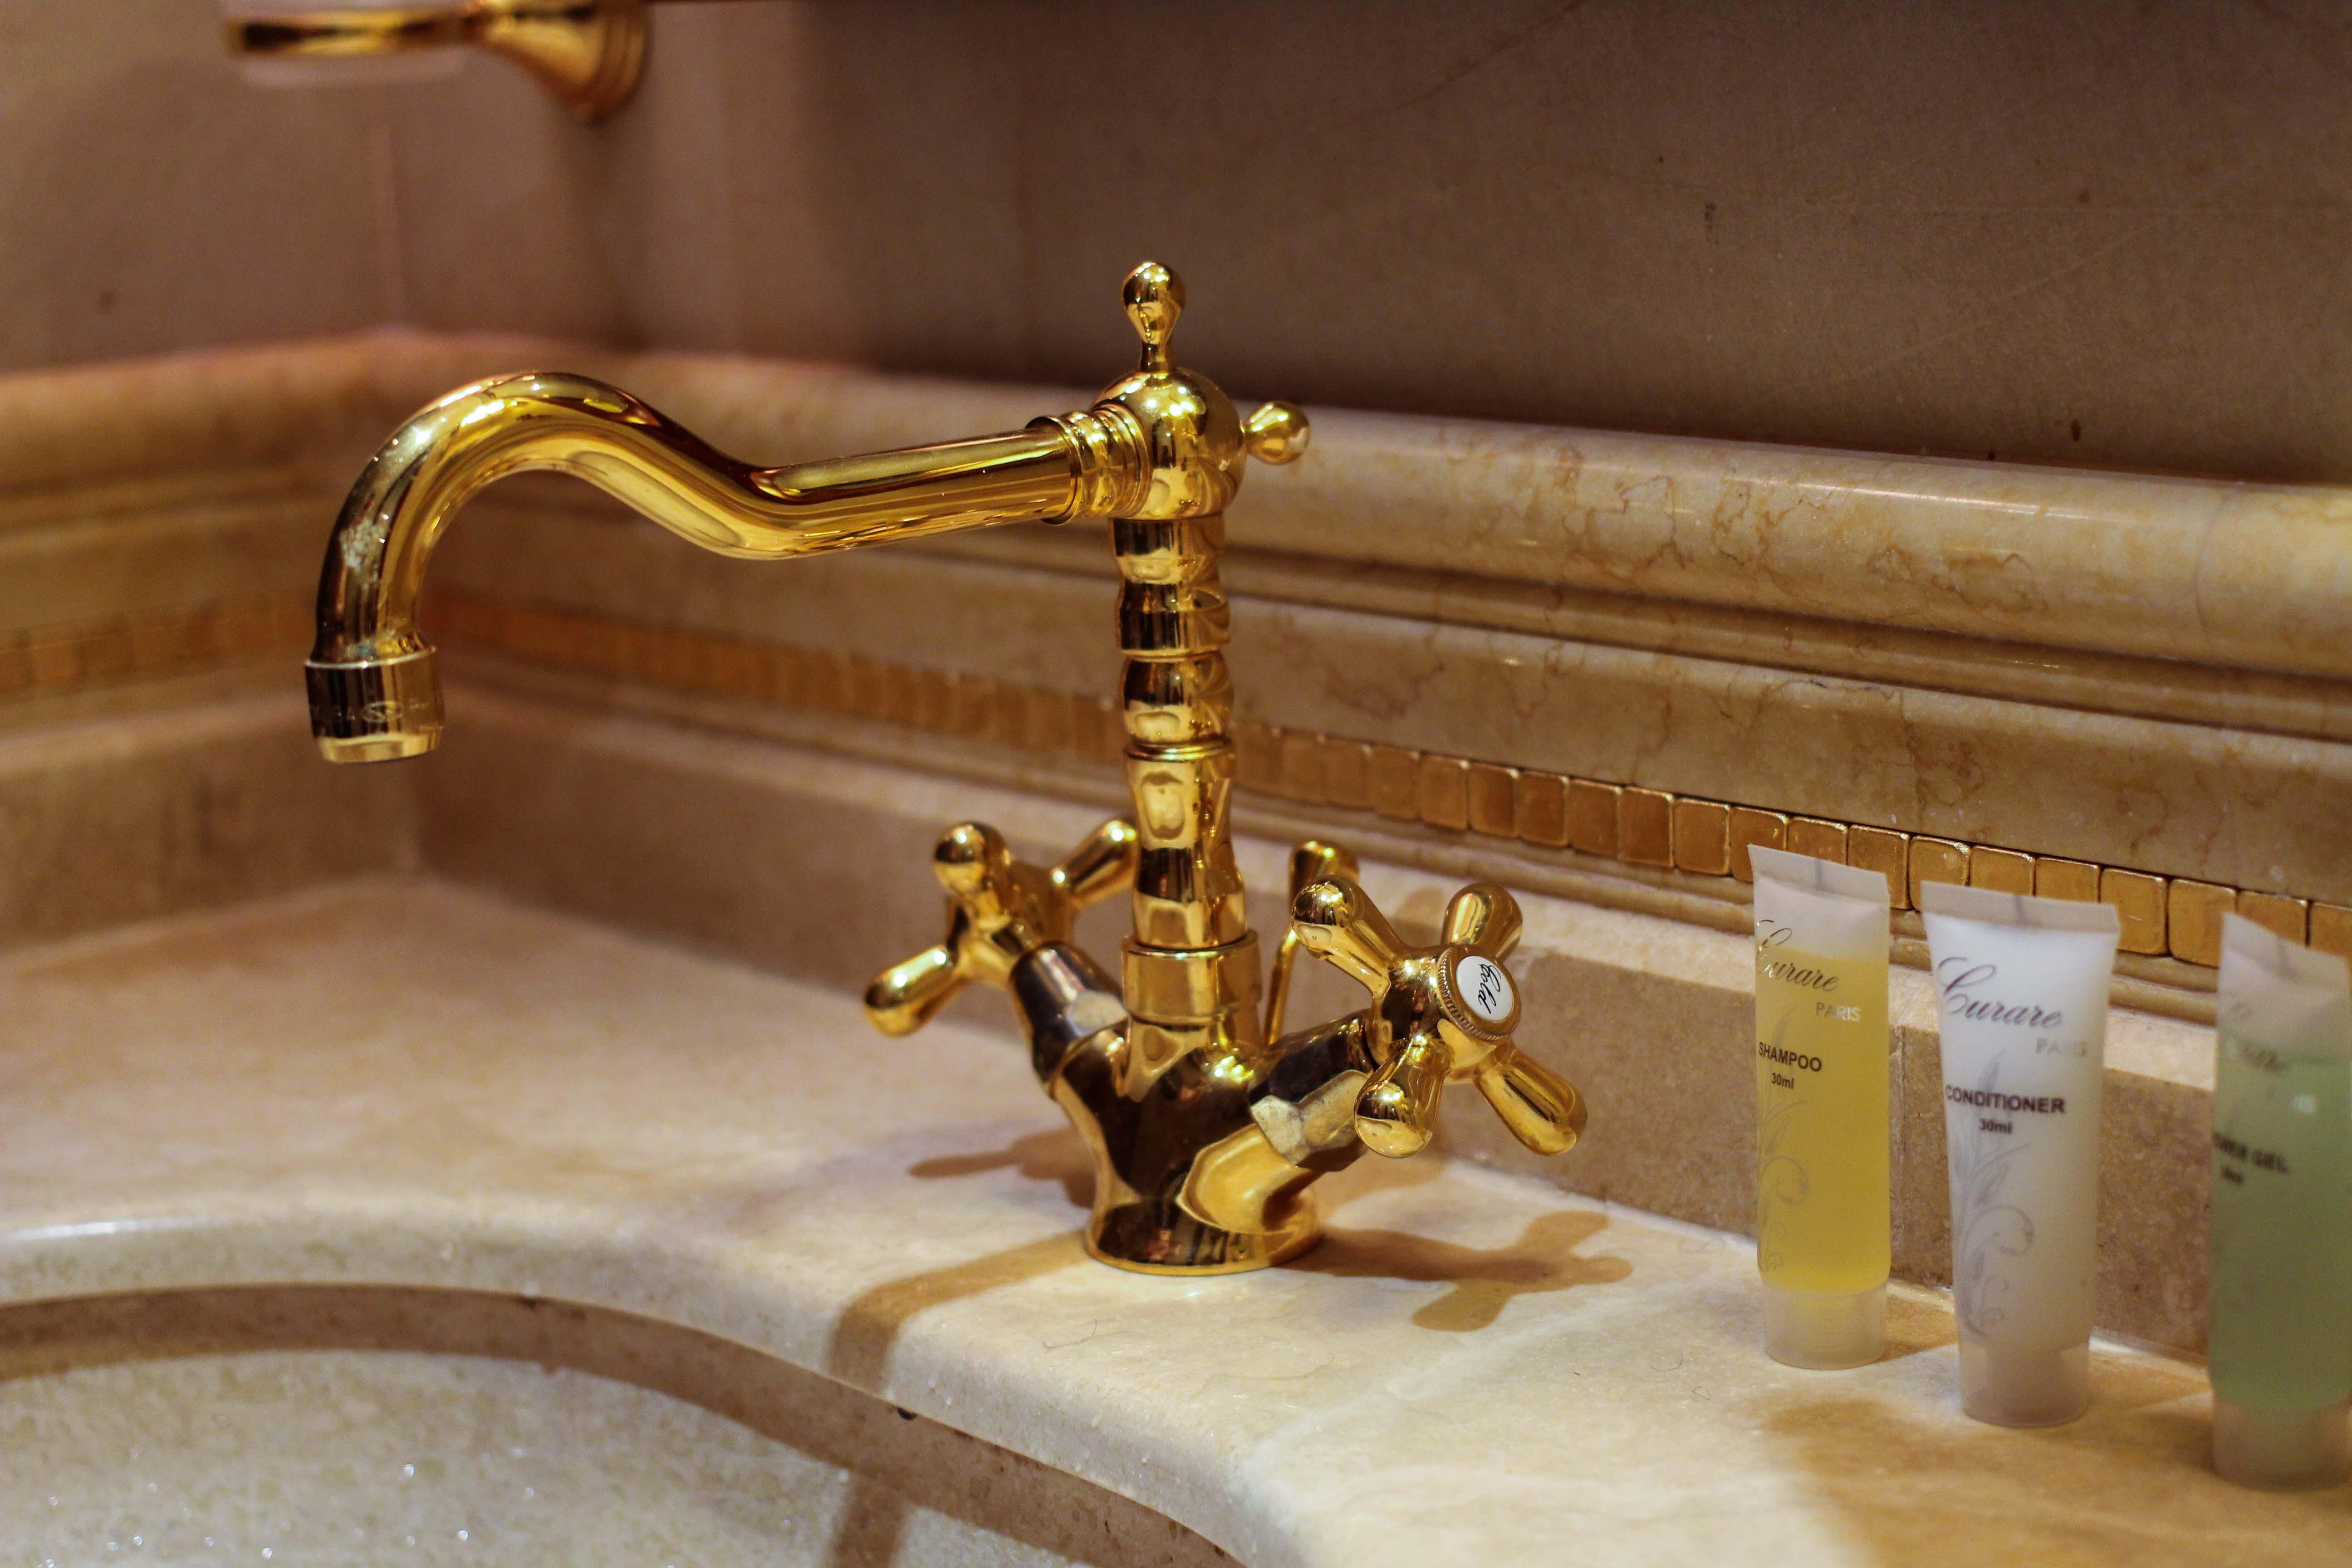 Warwick Hotel Doha Katar Executive Room Badezimmer goldener Wasserhan Luxushotel 5 Sterne Hotel Qatar Reiseblog